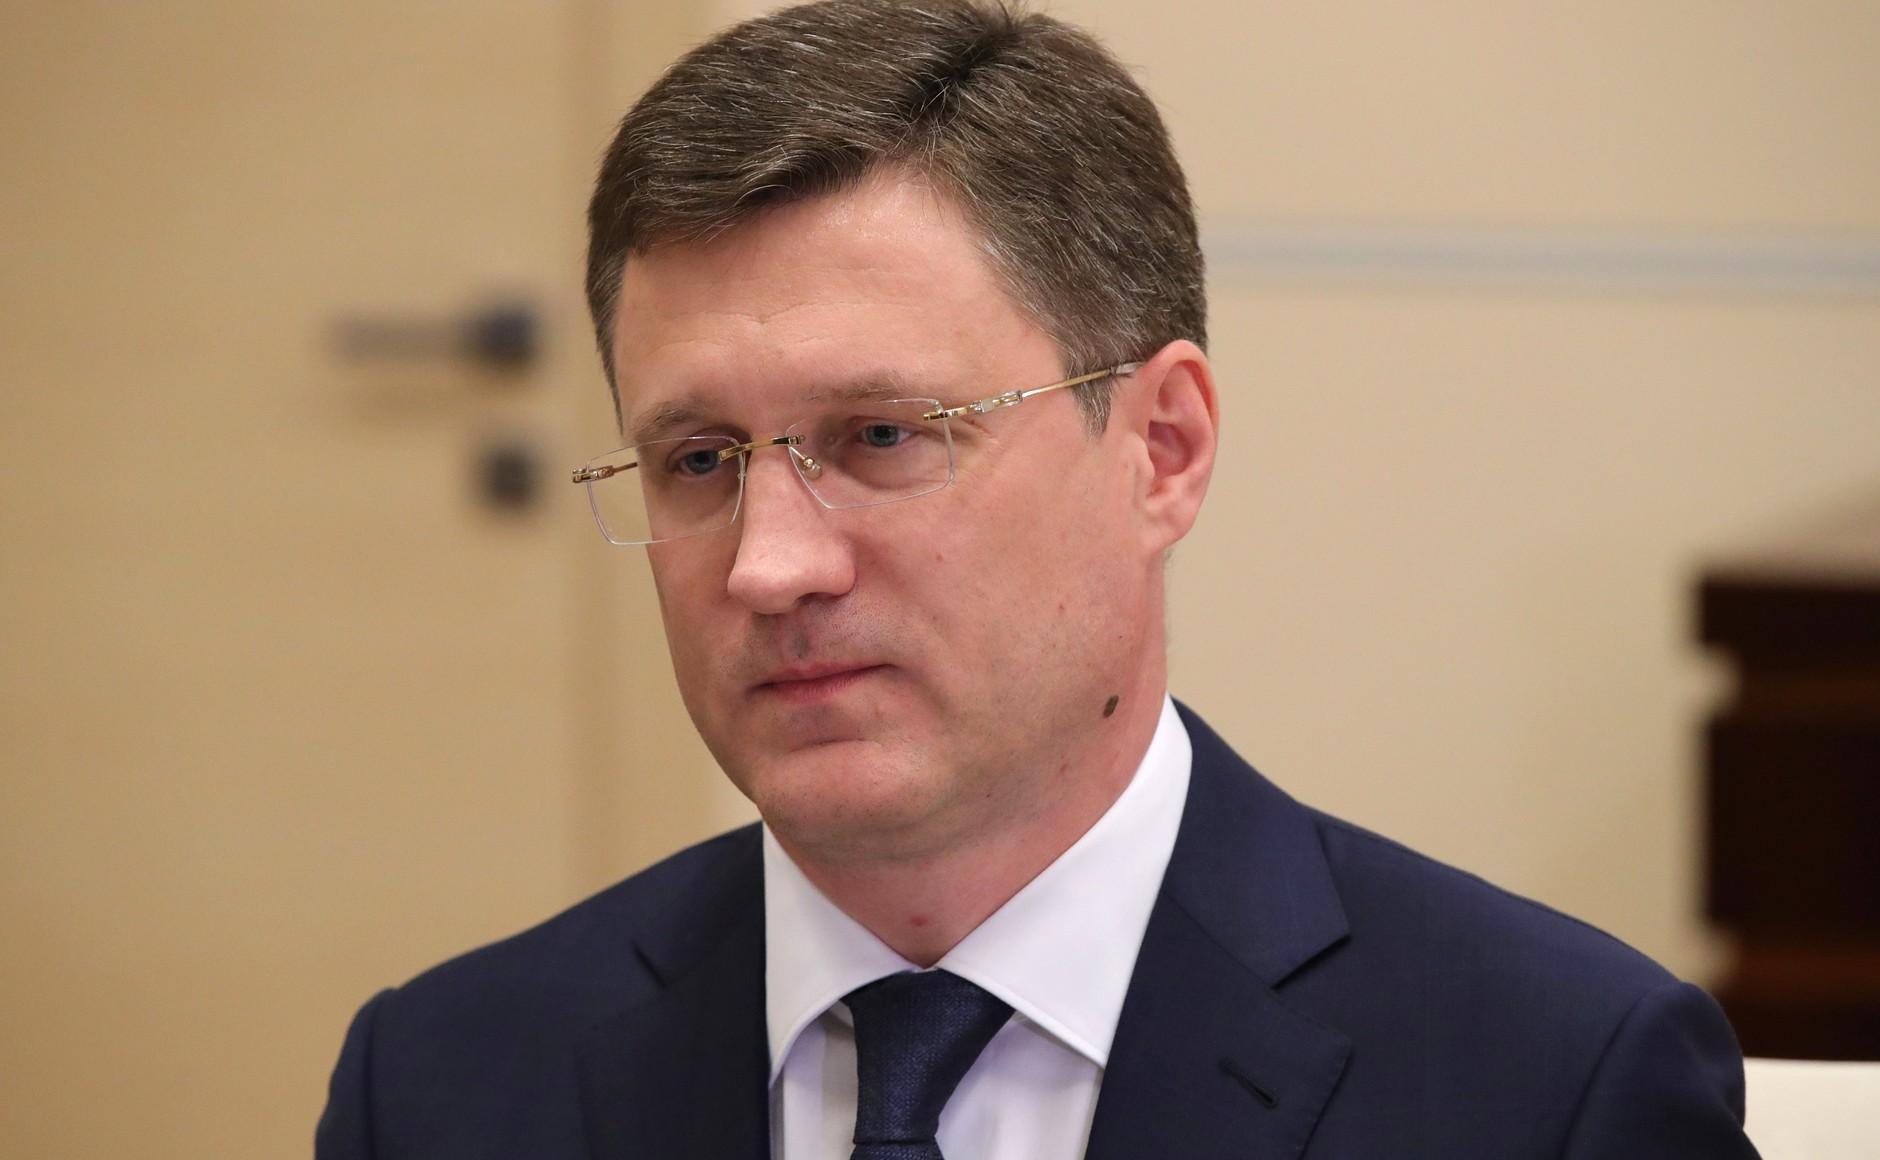 PH 2 SUR 4 Rencontre avec le vice-premier ministre Alexander Novak 22.12.2020 l'industrie de l'énergie.